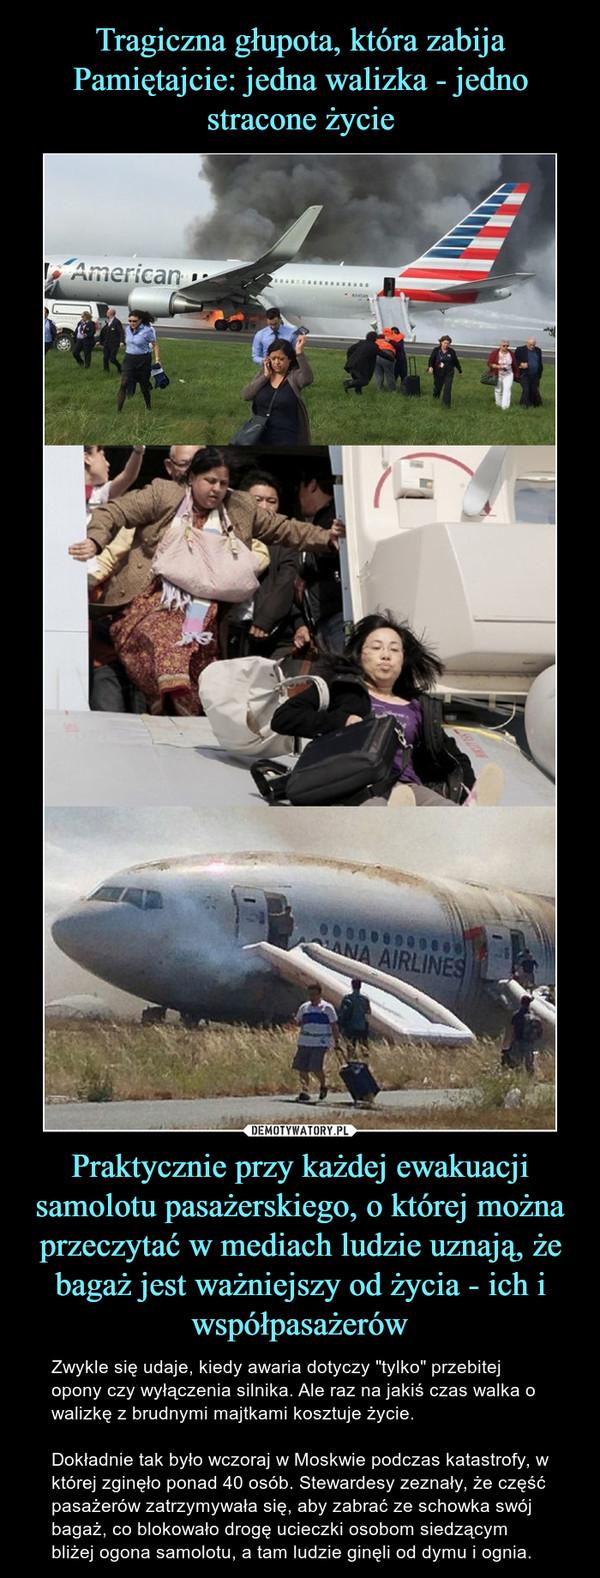 """Praktycznie przy każdej ewakuacji samolotu pasażerskiego, o której można przeczytać w mediach ludzie uznają, że bagaż jest ważniejszy od życia - ich i współpasażerów – Zwykle się udaje, kiedy awaria dotyczy """"tylko"""" przebitej opony czy wyłączenia silnika. Ale raz na jakiś czas walka o walizkę z brudnymi majtkami kosztuje życie.Dokładnie tak było wczoraj w Moskwie podczas katastrofy, w której zginęło ponad 40 osób. Stewardesy zeznały, że część pasażerów zatrzymywała się, aby zabrać ze schowka swój bagaż, co blokowało drogę ucieczki osobom siedzącym bliżej ogona samolotu, a tam ludzie ginęli od dymu i ognia."""